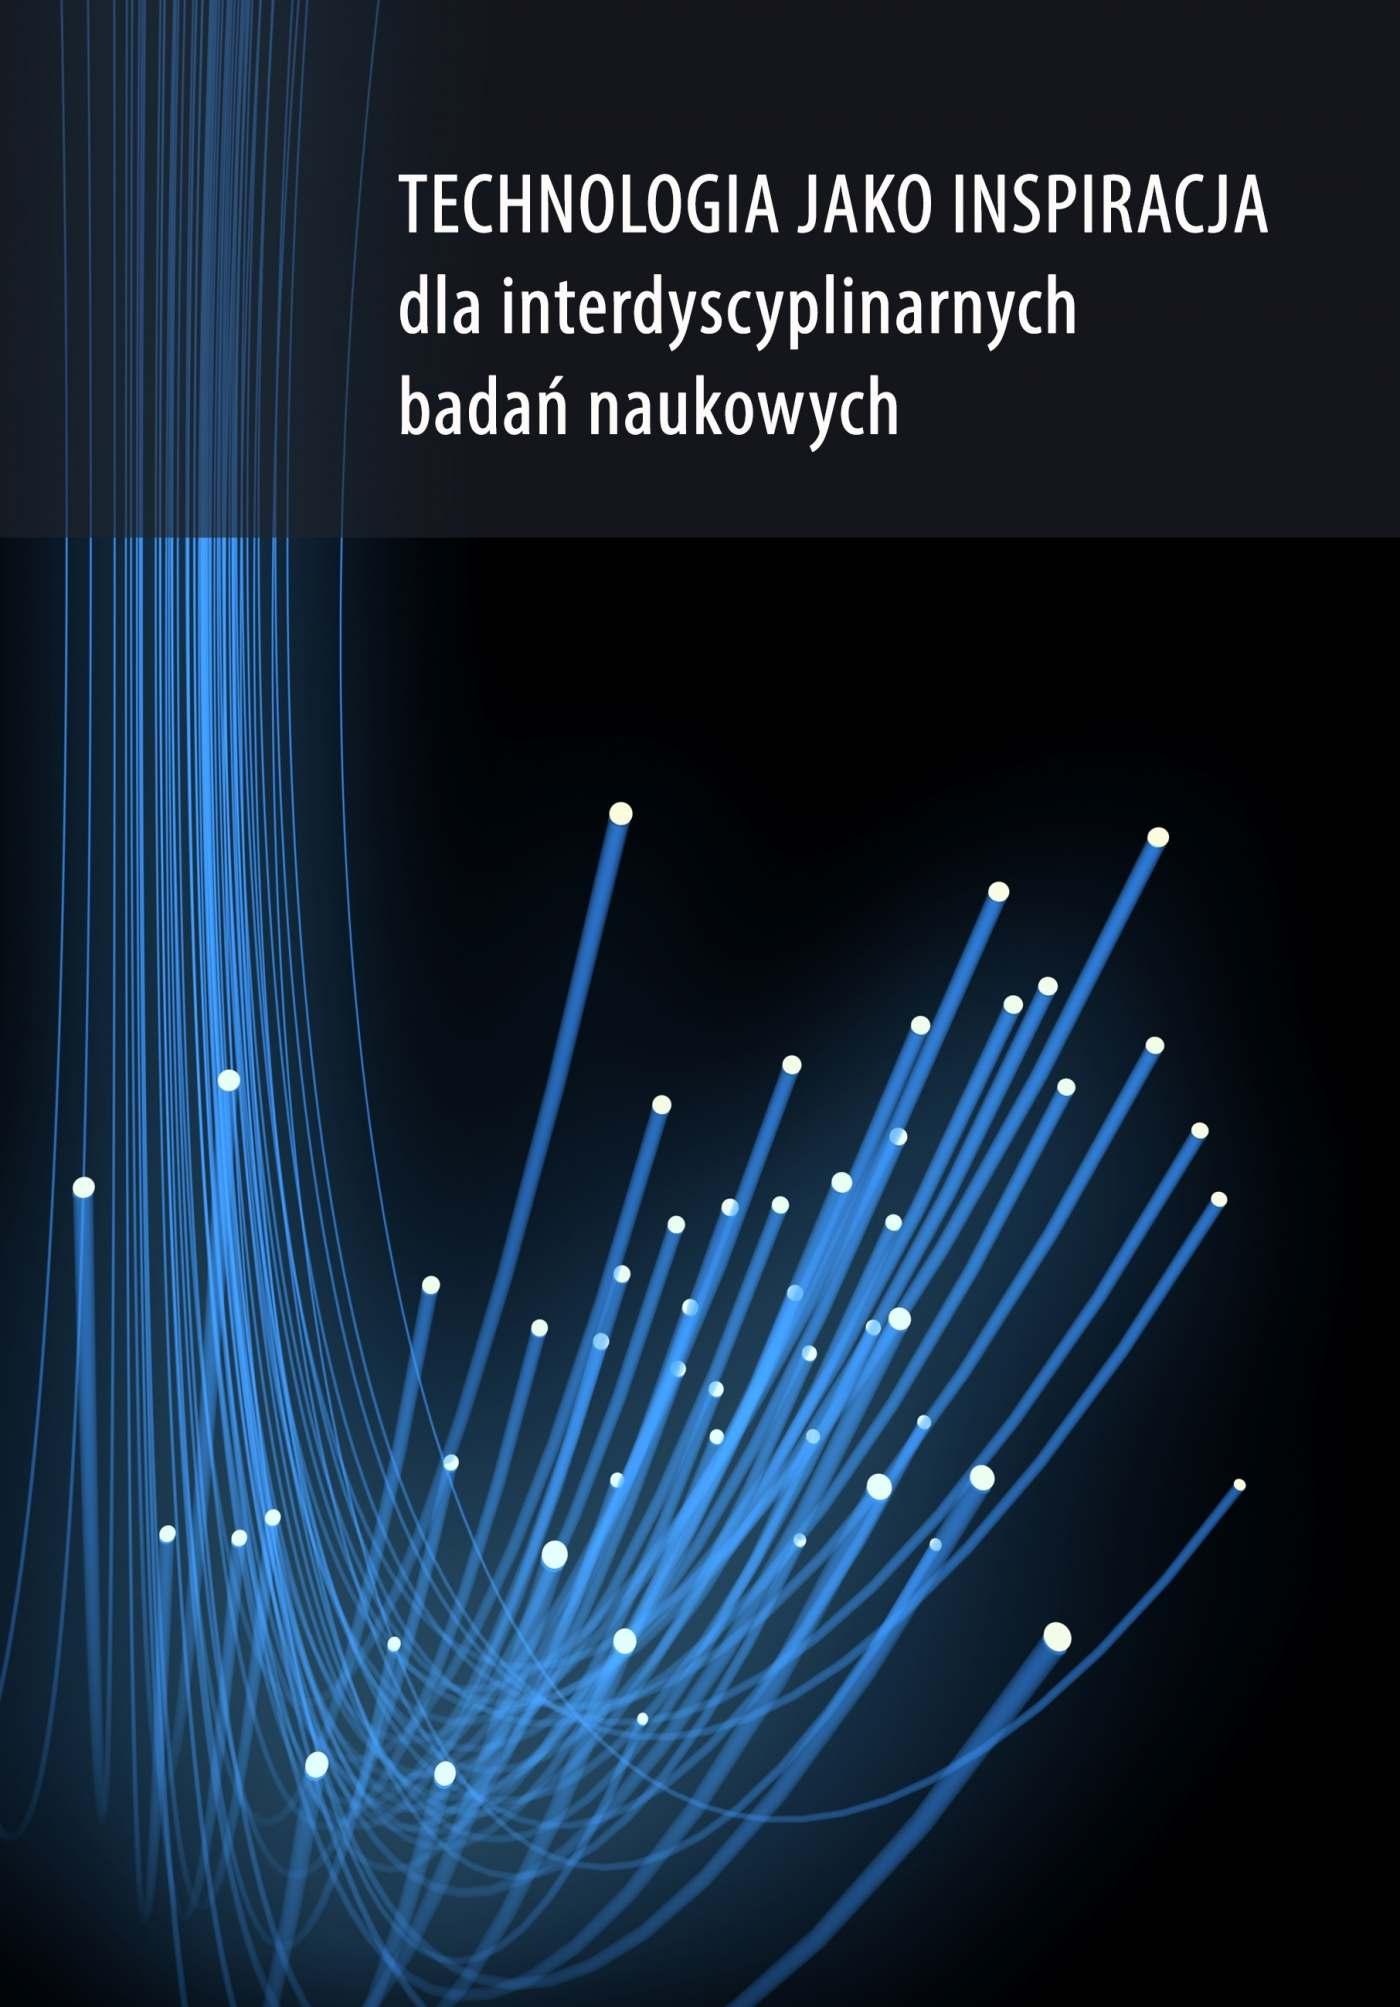 Technologia jako inspiracja dla interdyscyplinarnych badań naukowych - Ebook (Książka PDF) do pobrania w formacie PDF